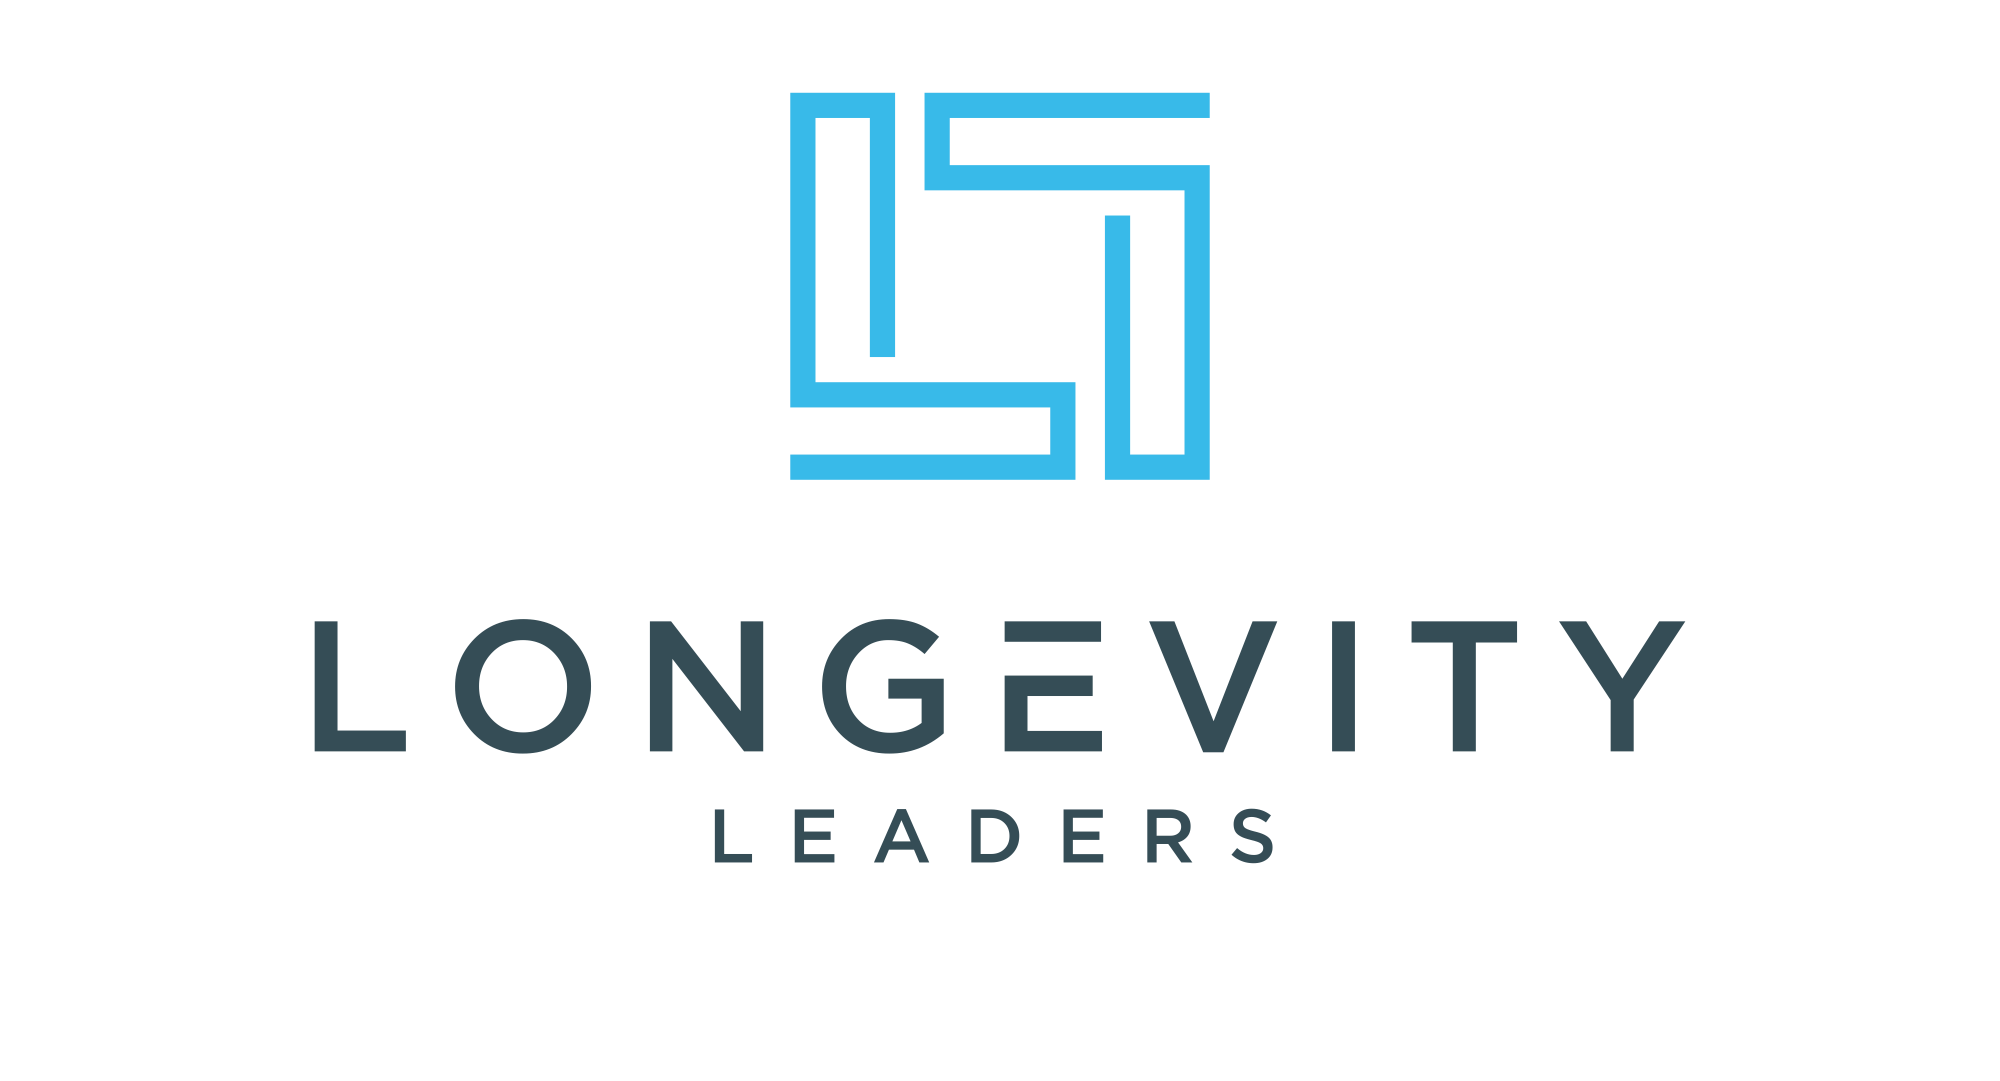 Longevity Leaders